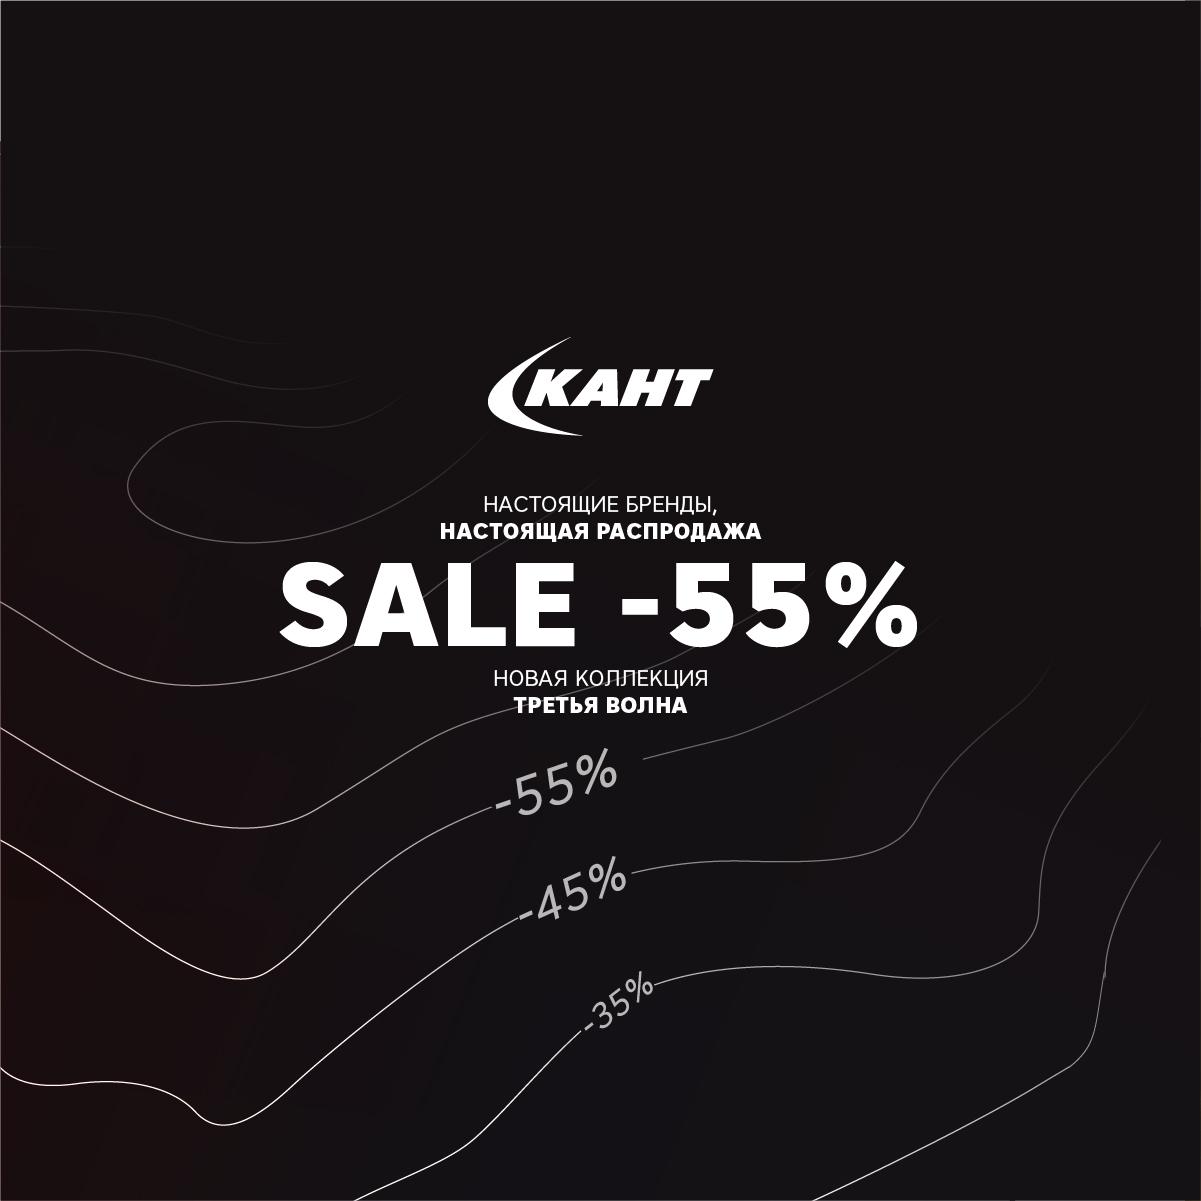 83c5da41 Кант : Третья волна распродажи! Скидки до -55% на новые коллекции!